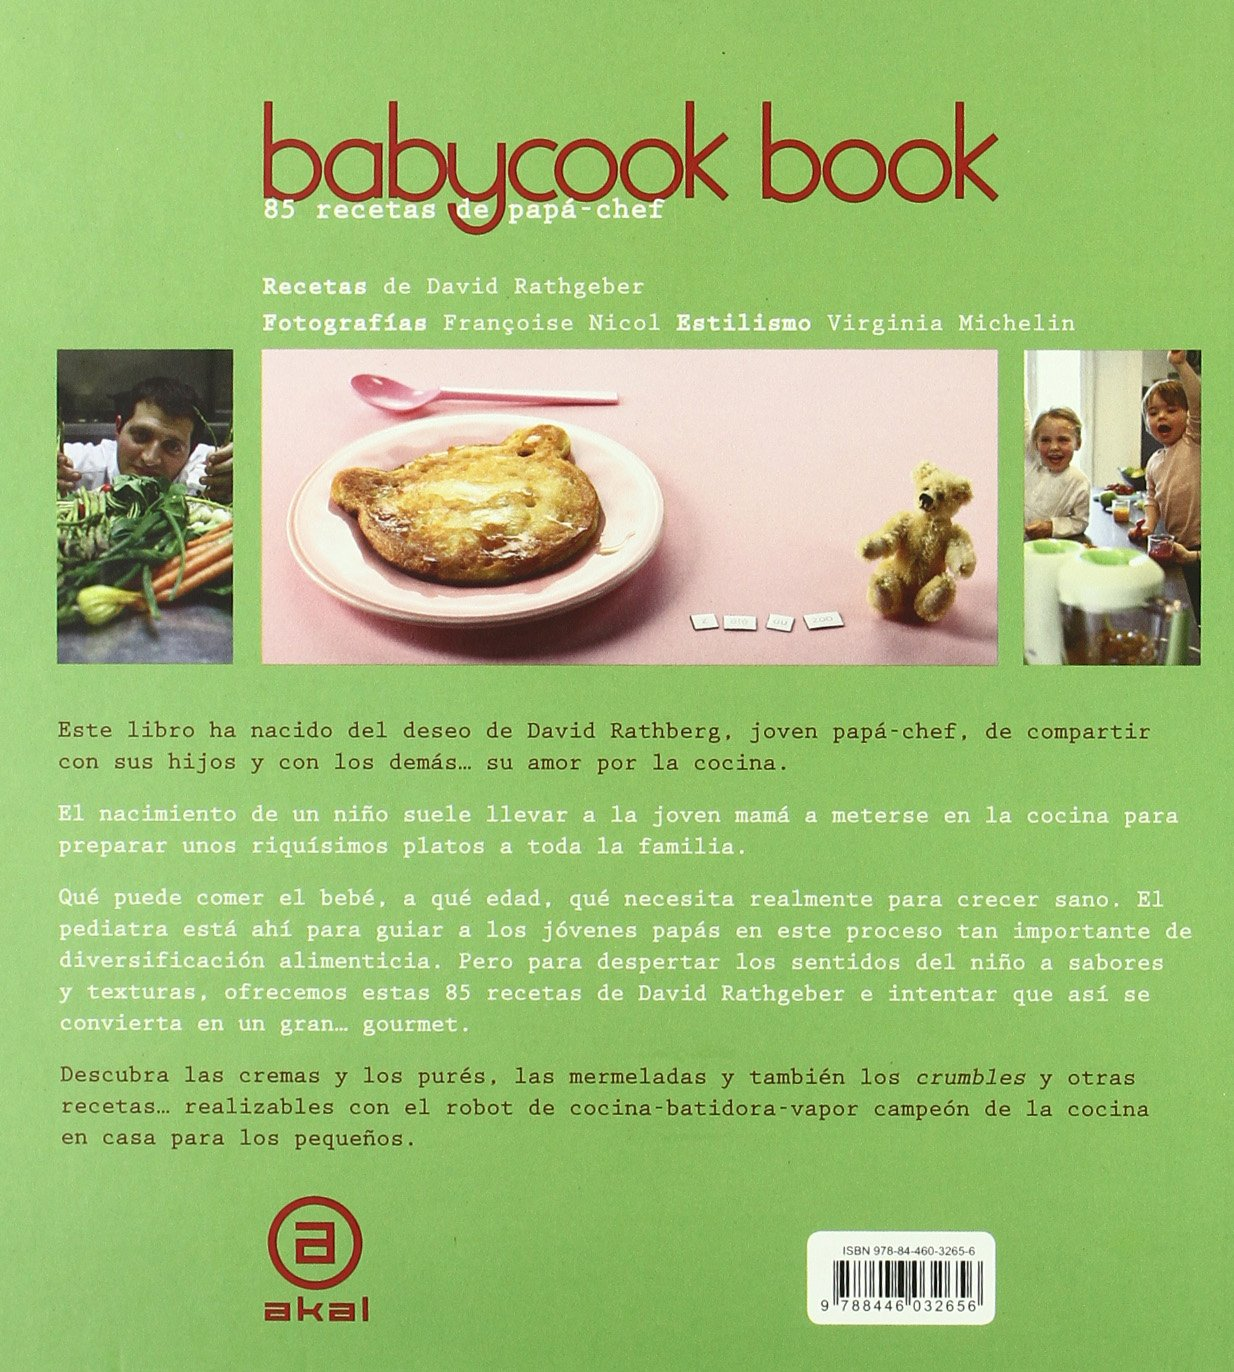 Babycook Book. Nueva edición: 85 recetas de papá-chef Cocina práctica: Amazon.es: Rathgeber, David, Gallegos, Emma, Martínez, Esperanza: Libros